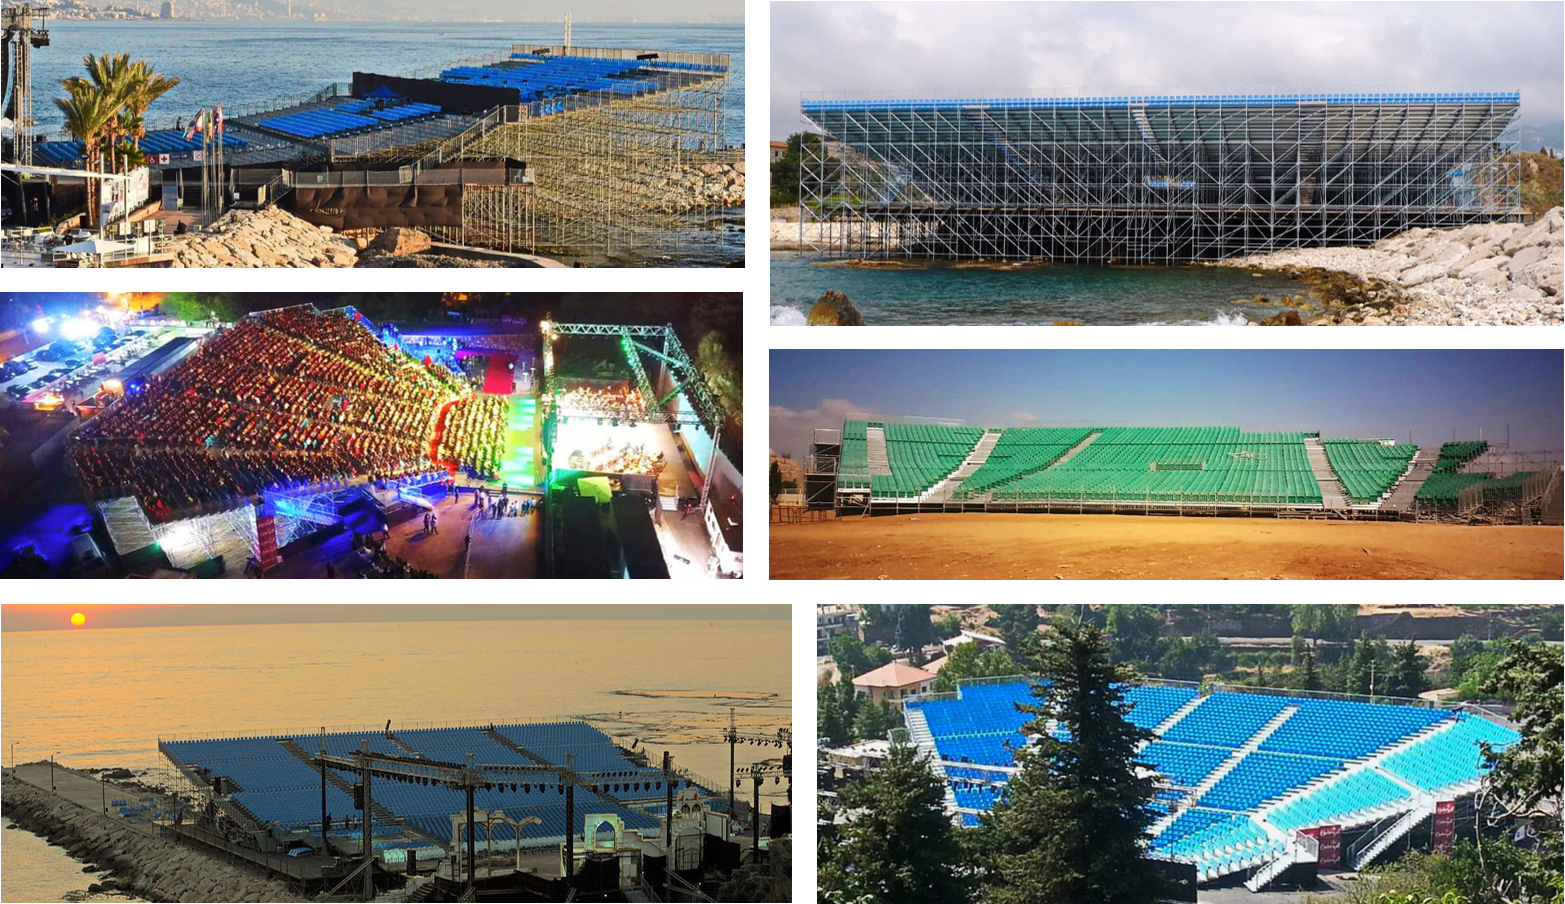 Festival grandstands